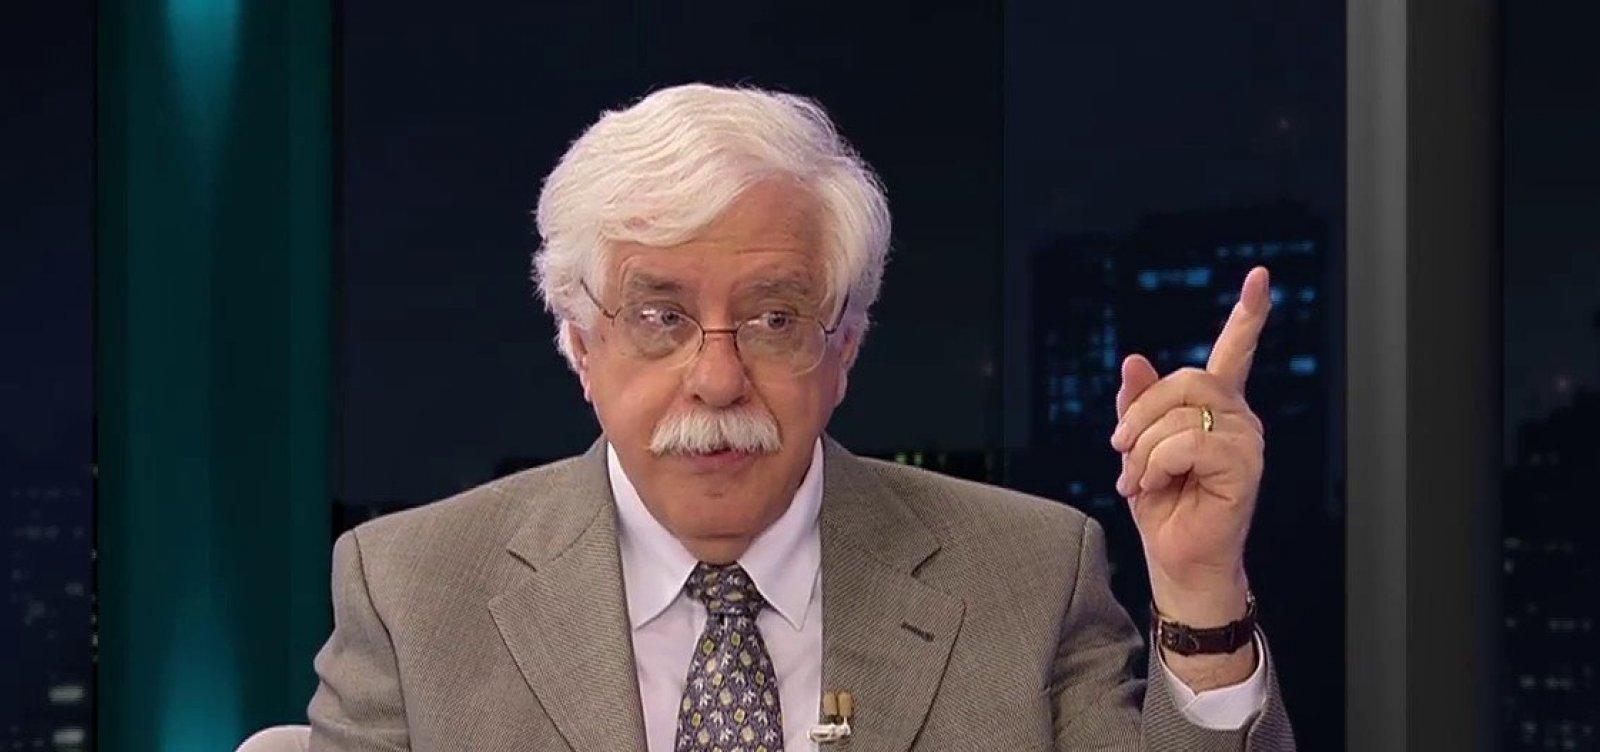 [Roberto Romano diz que tensão do país pode levar a 'maior adesão cívica']